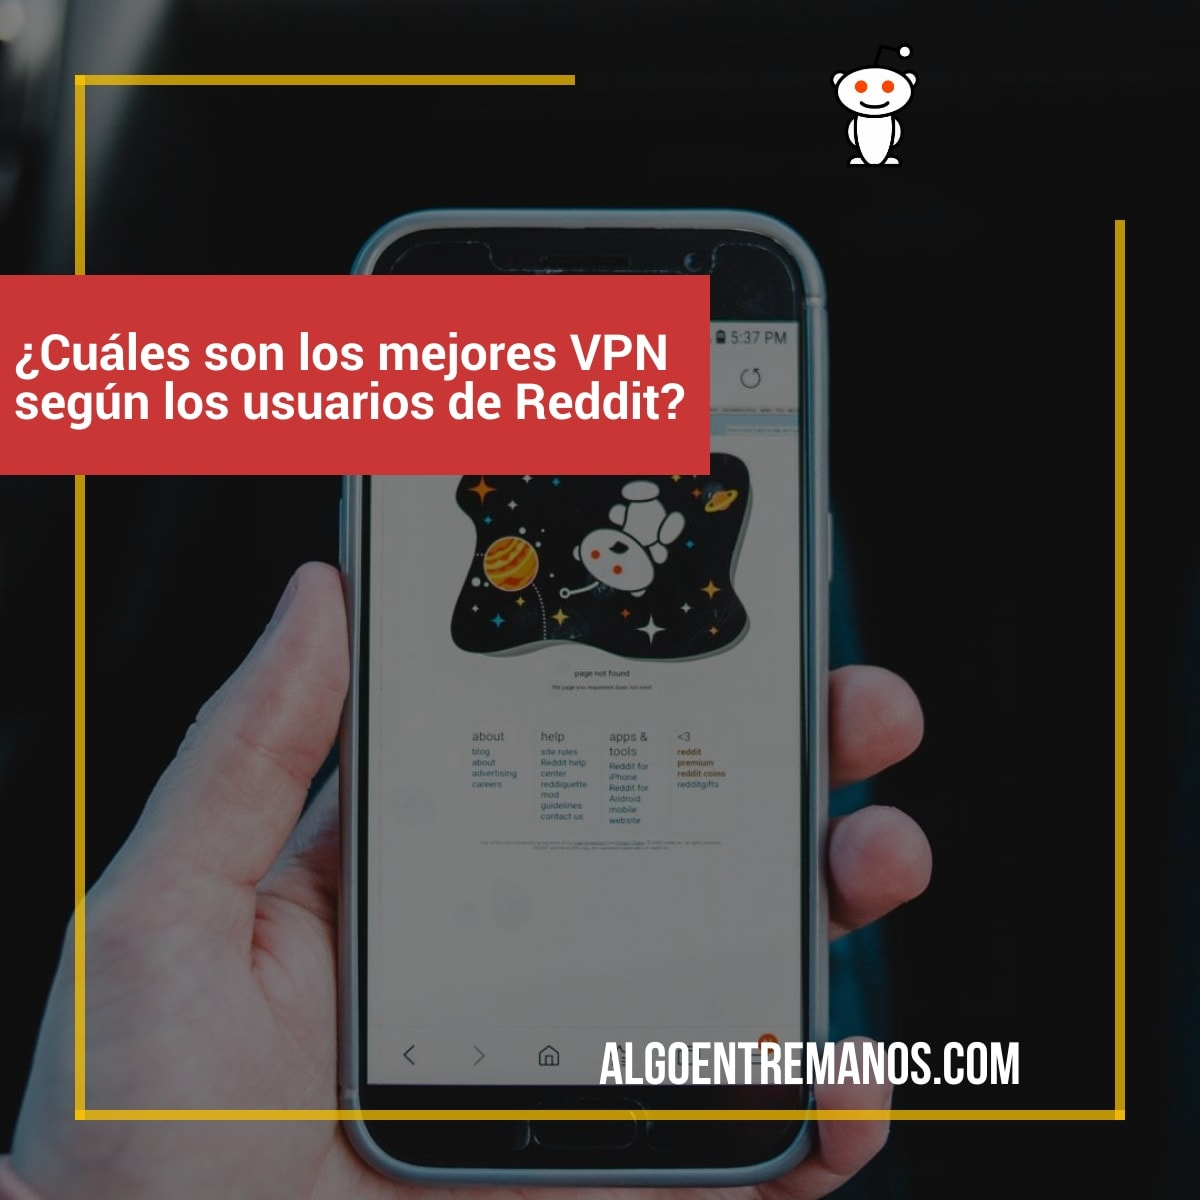 ¿Cuáles son los mejores VPN según los usuarios de Reddit?